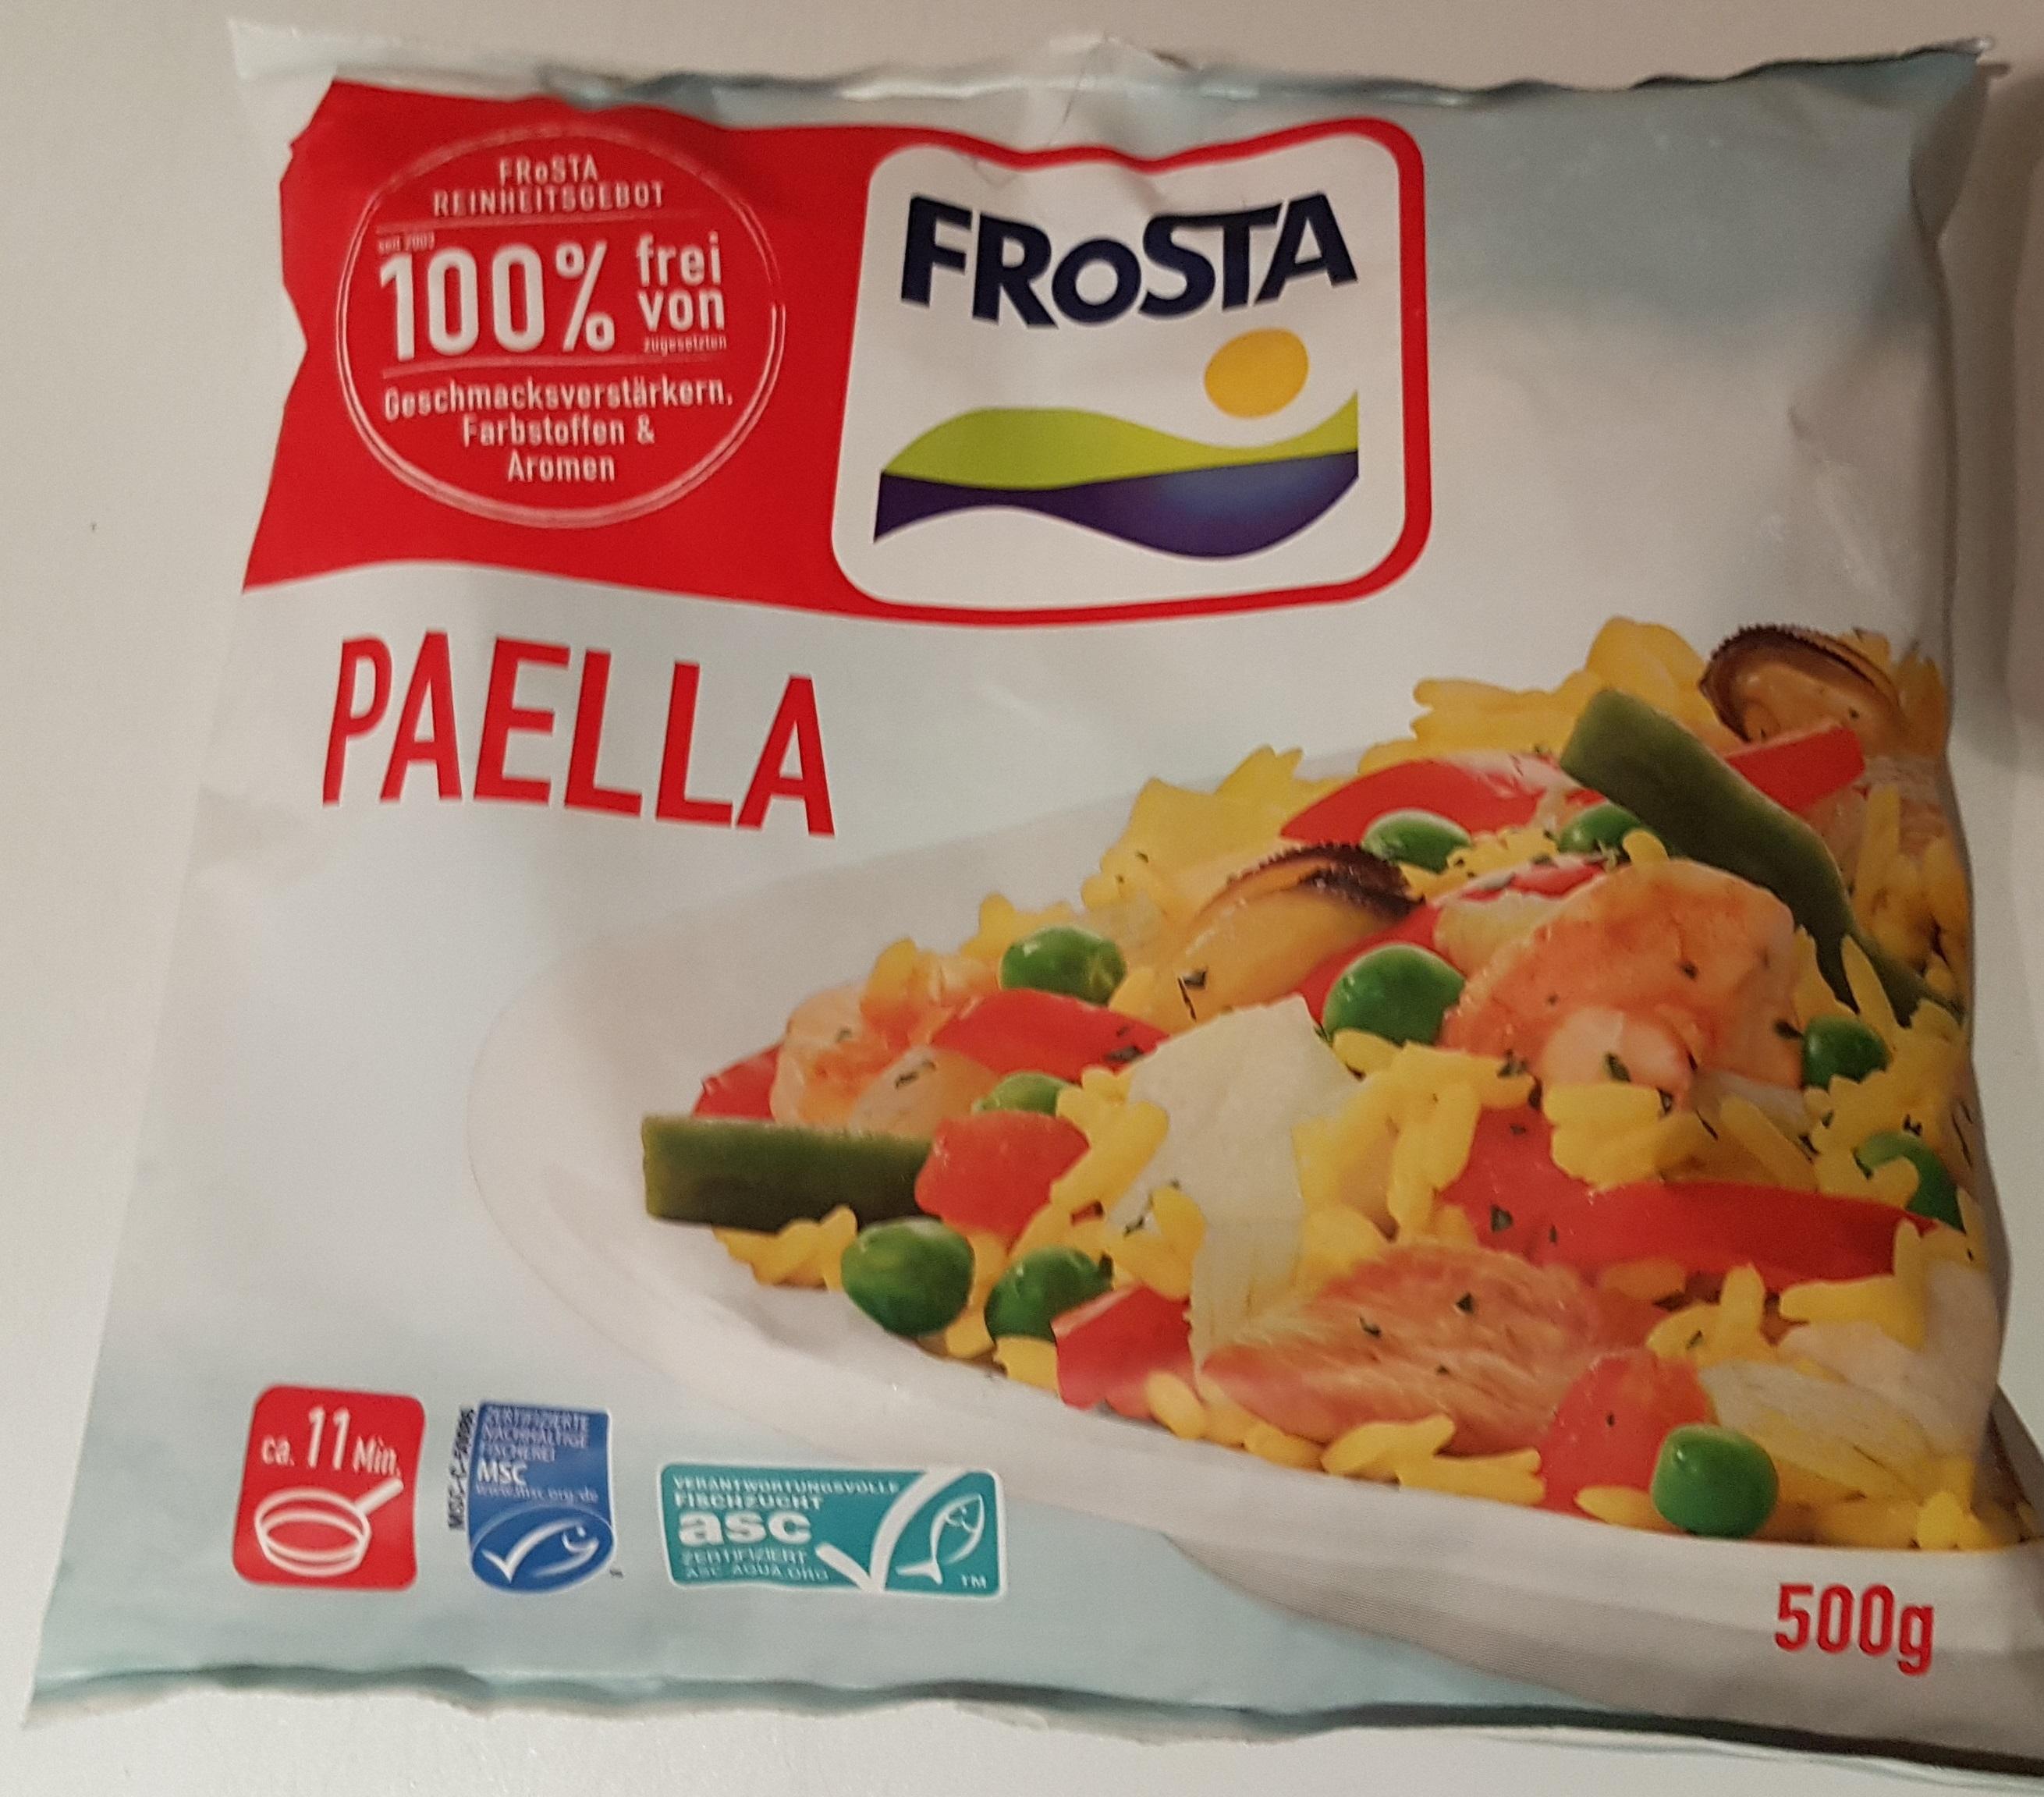 [Lokal] FROSTA Paella 500g Beutel für 0,99€ bei Frostkauf